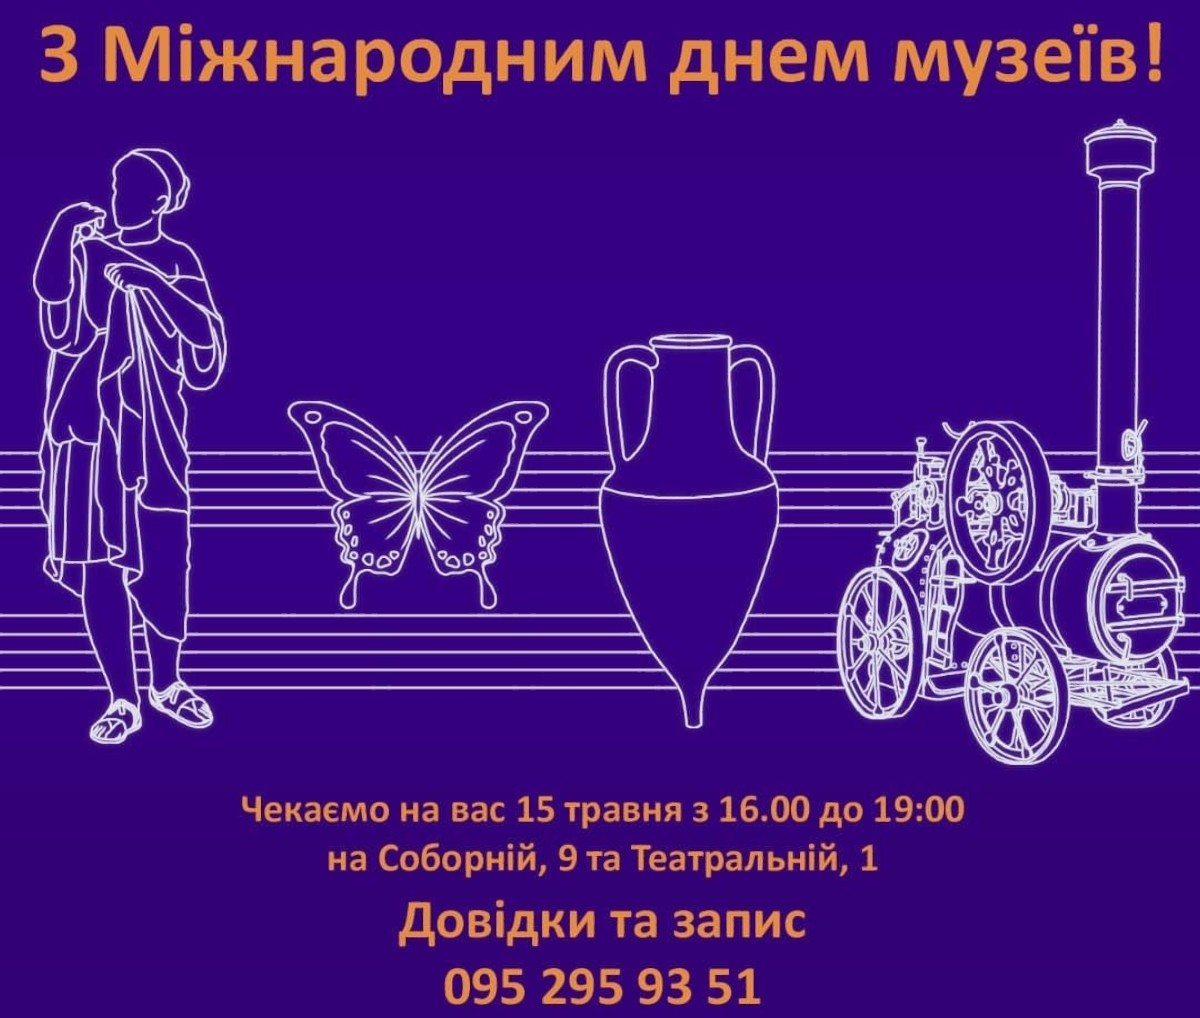 Херсон,музей,день музеев